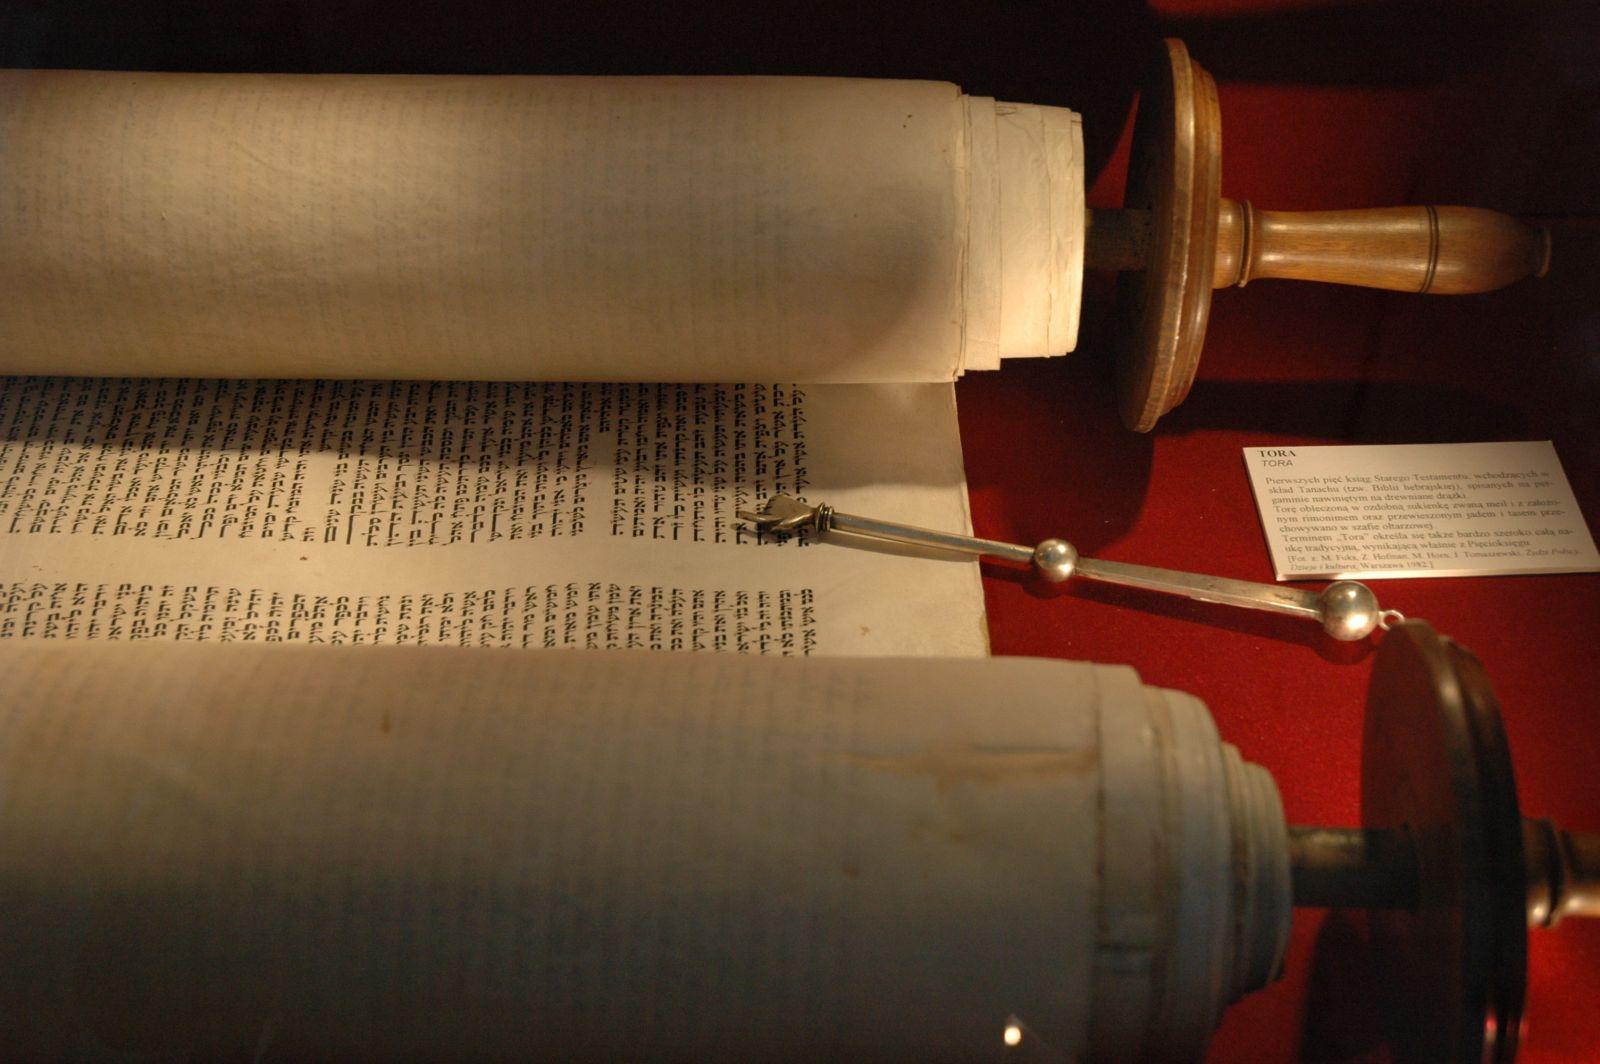 thora heilige schrift � hurraki w246rterbuch f252r leichte